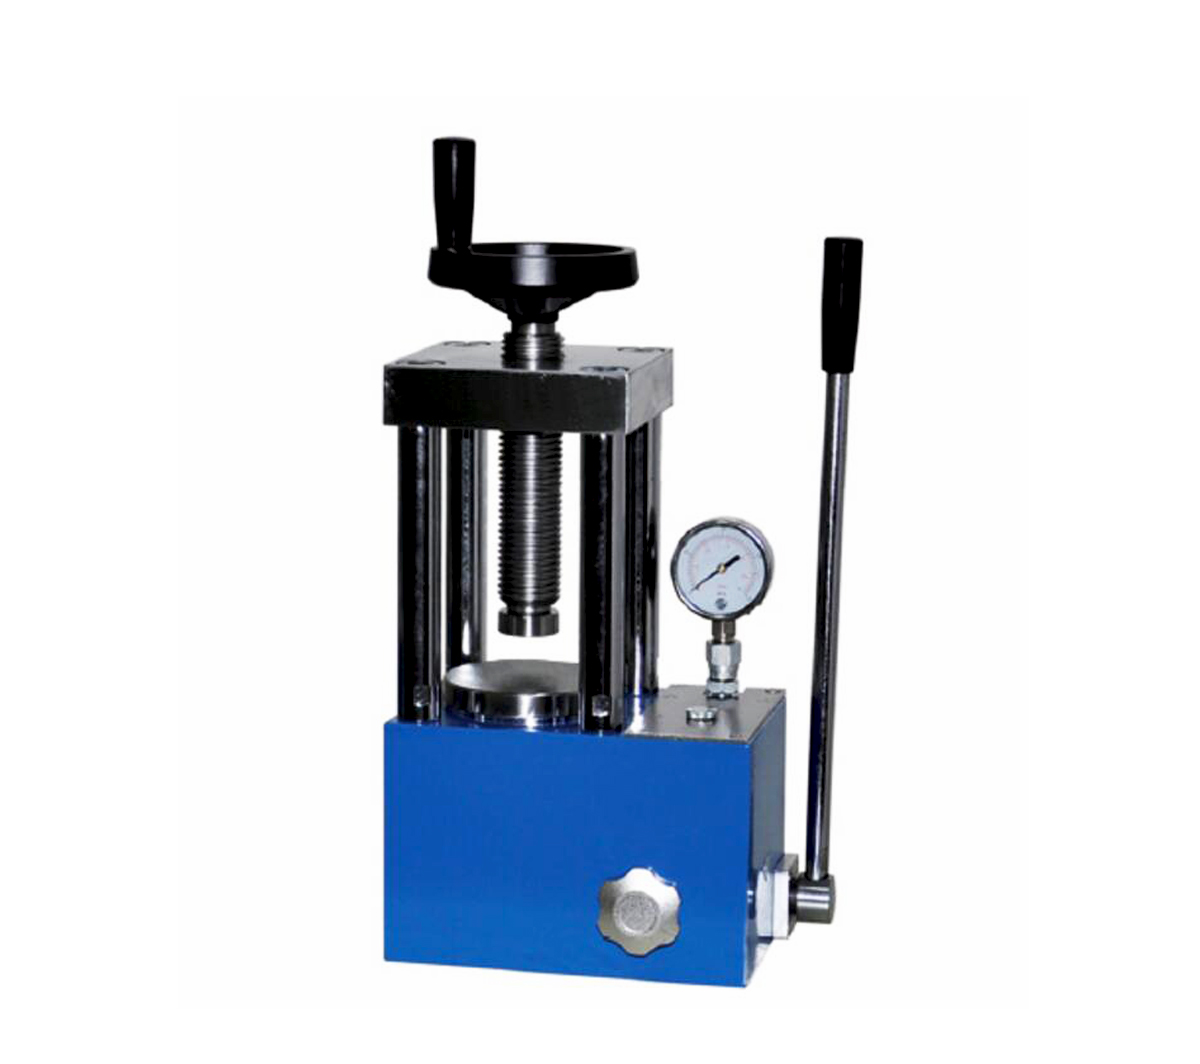 24T manual powder hydraulic press CY-PC-24